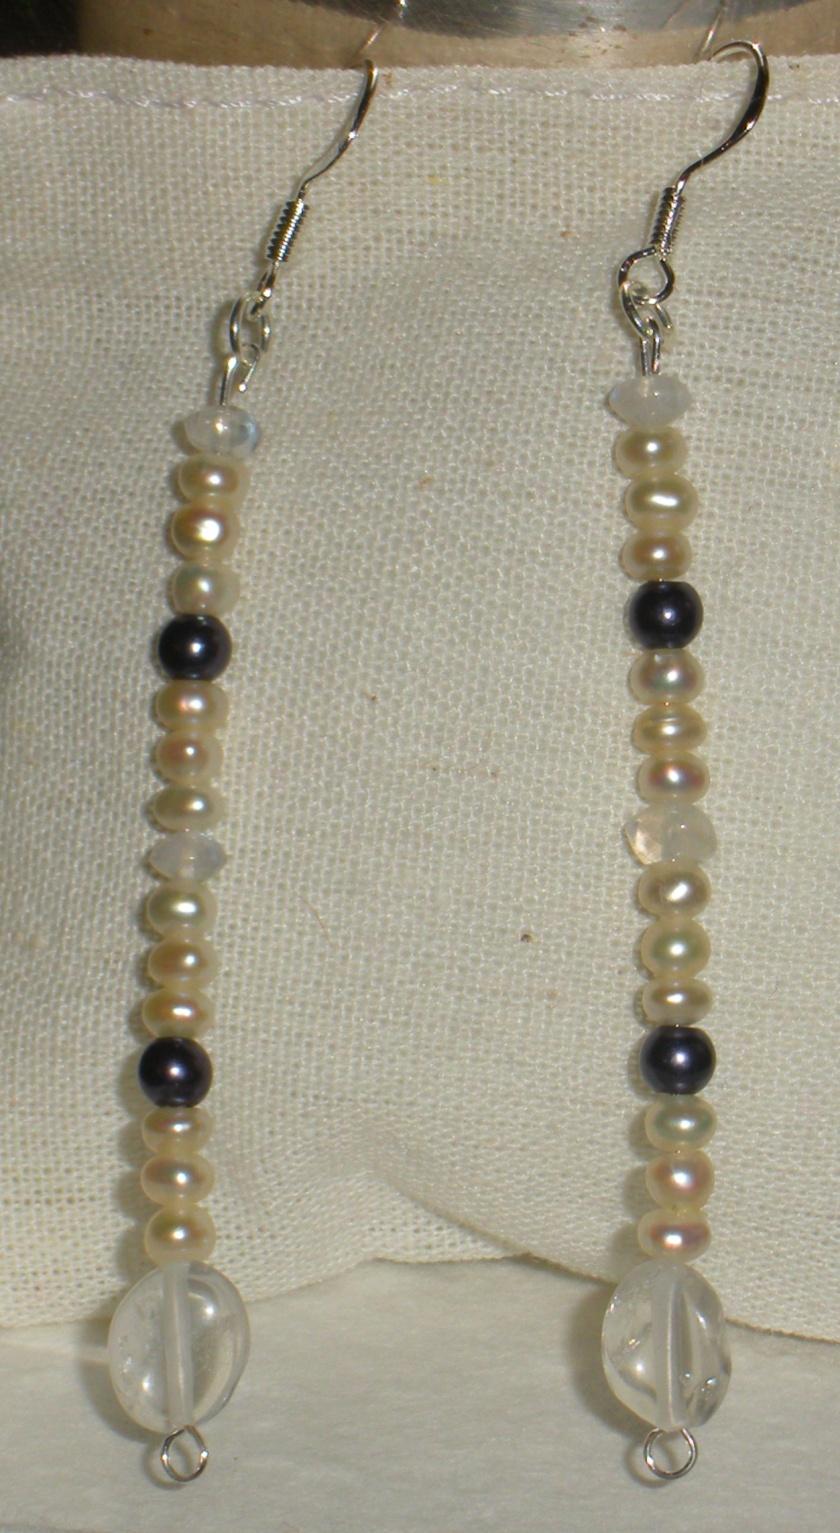 Moonstone, freshwater pearl, peacock pearl, rock crystal.